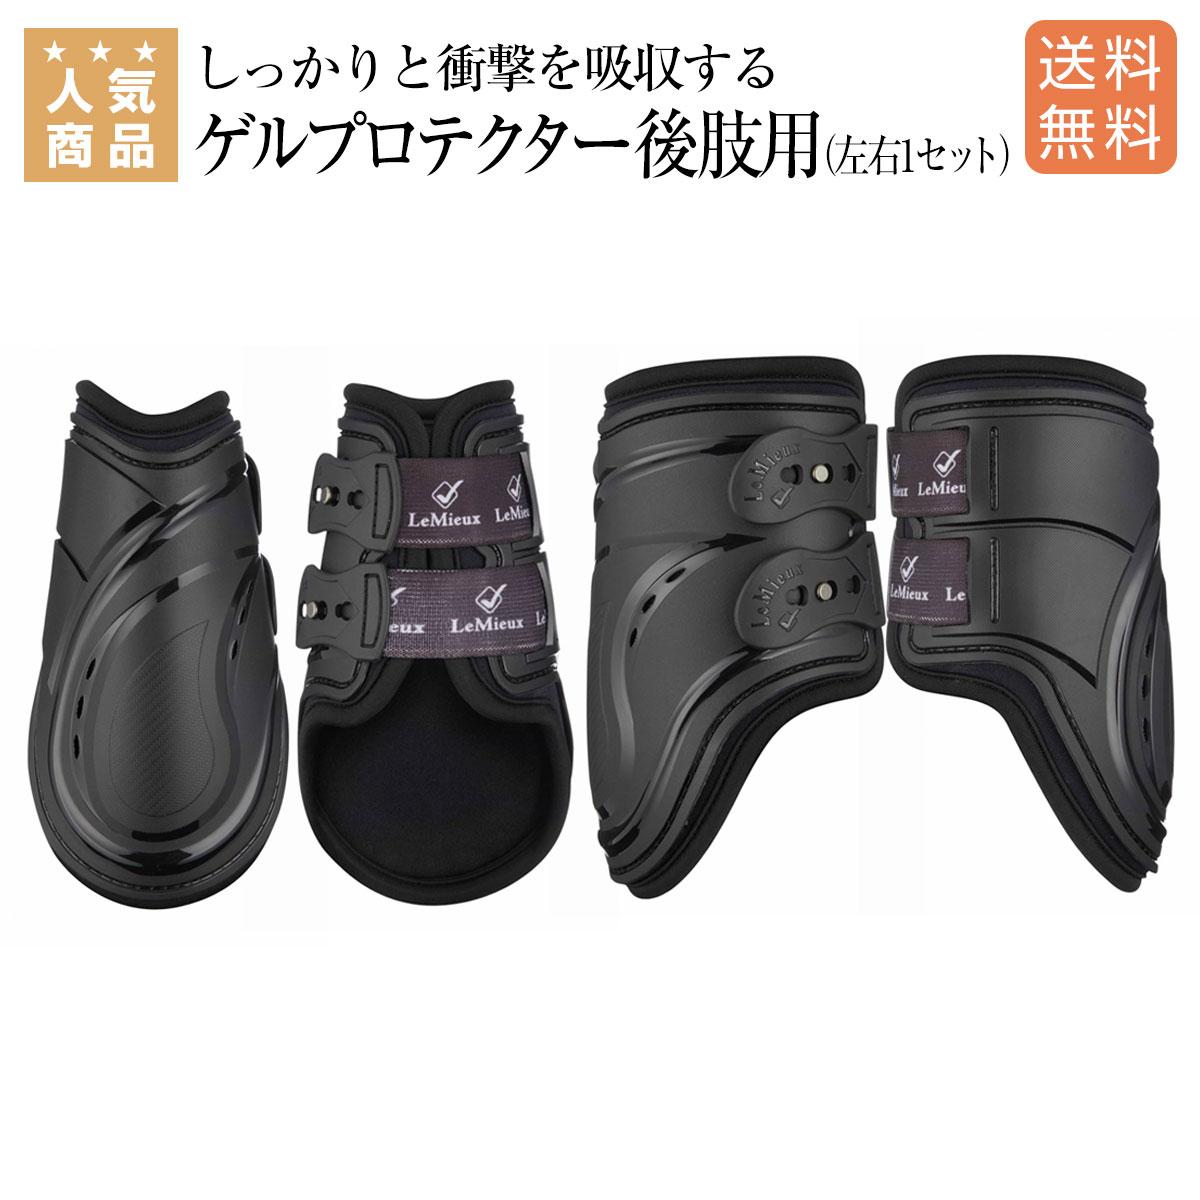 【月間優良ショップ】乗馬 プロテクター 肢巻 送料無料 LeMieux インパクト リスポンシブル ゲル プロテクター 後肢用(左右1セット) 乗馬用品 馬具